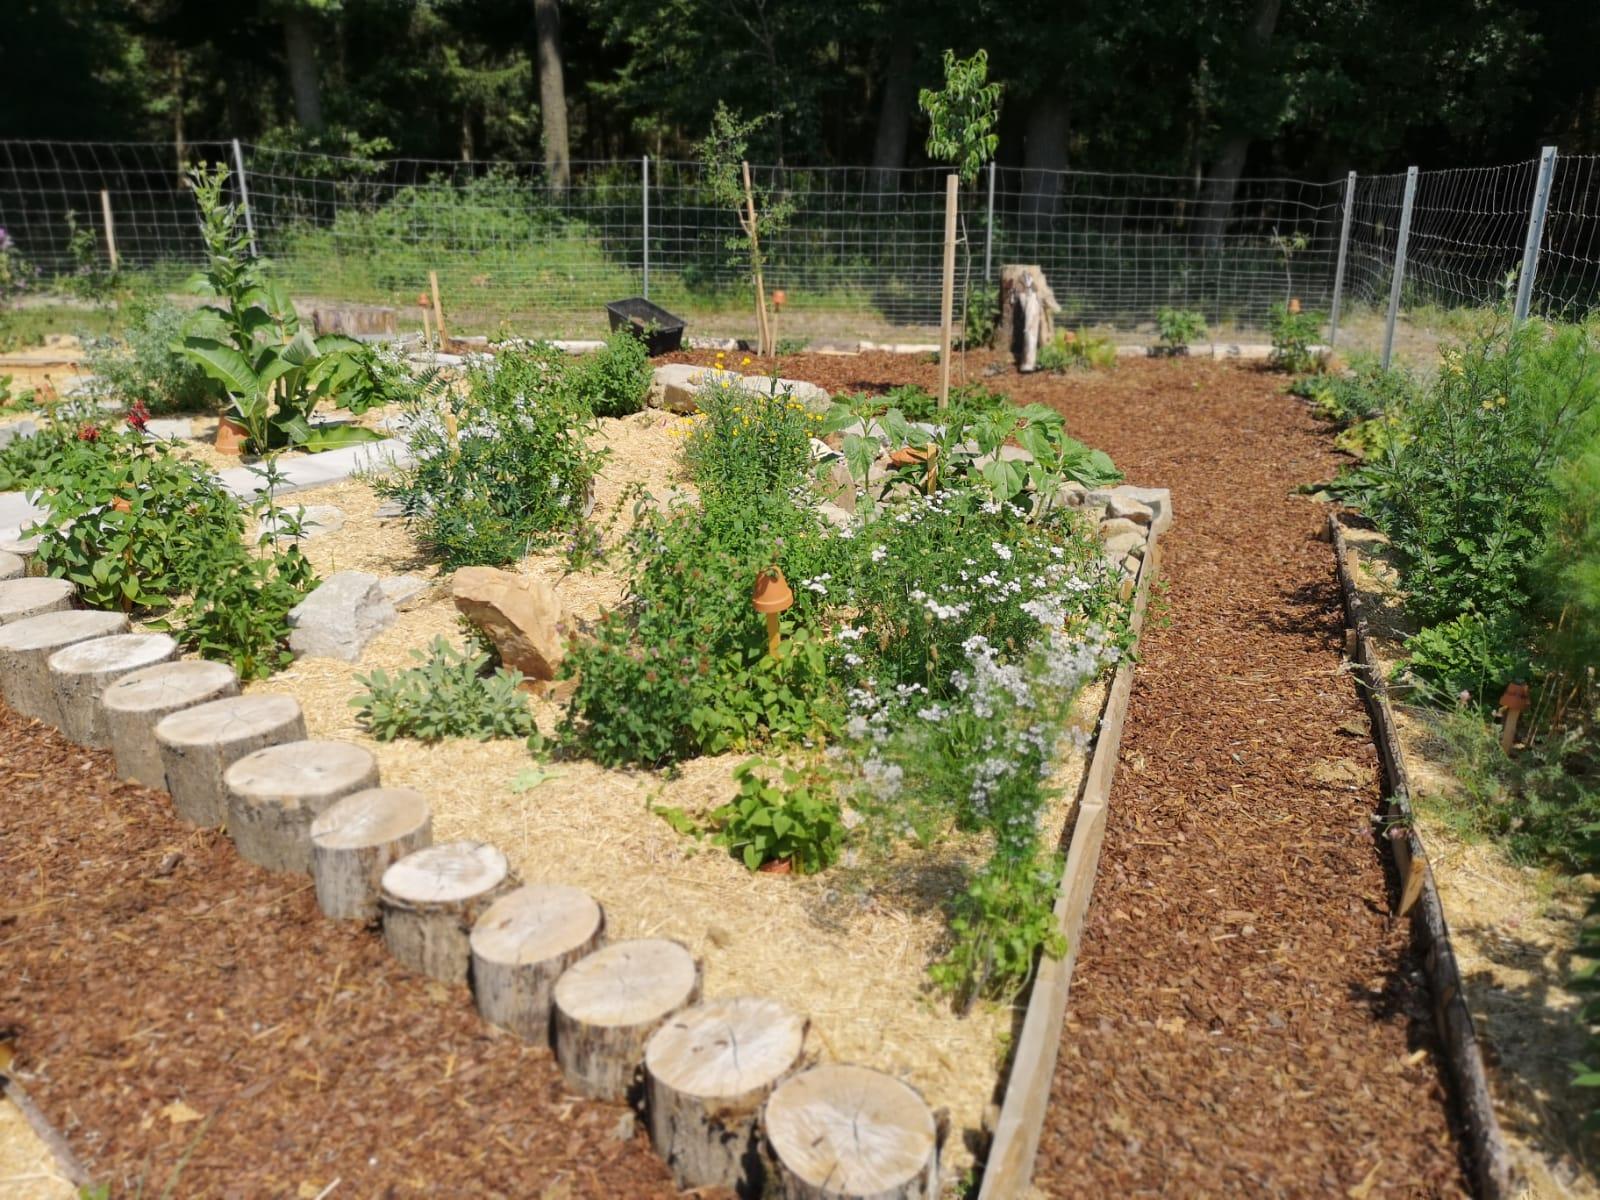 Ein artenreicher Kräutergarten ist entstanden